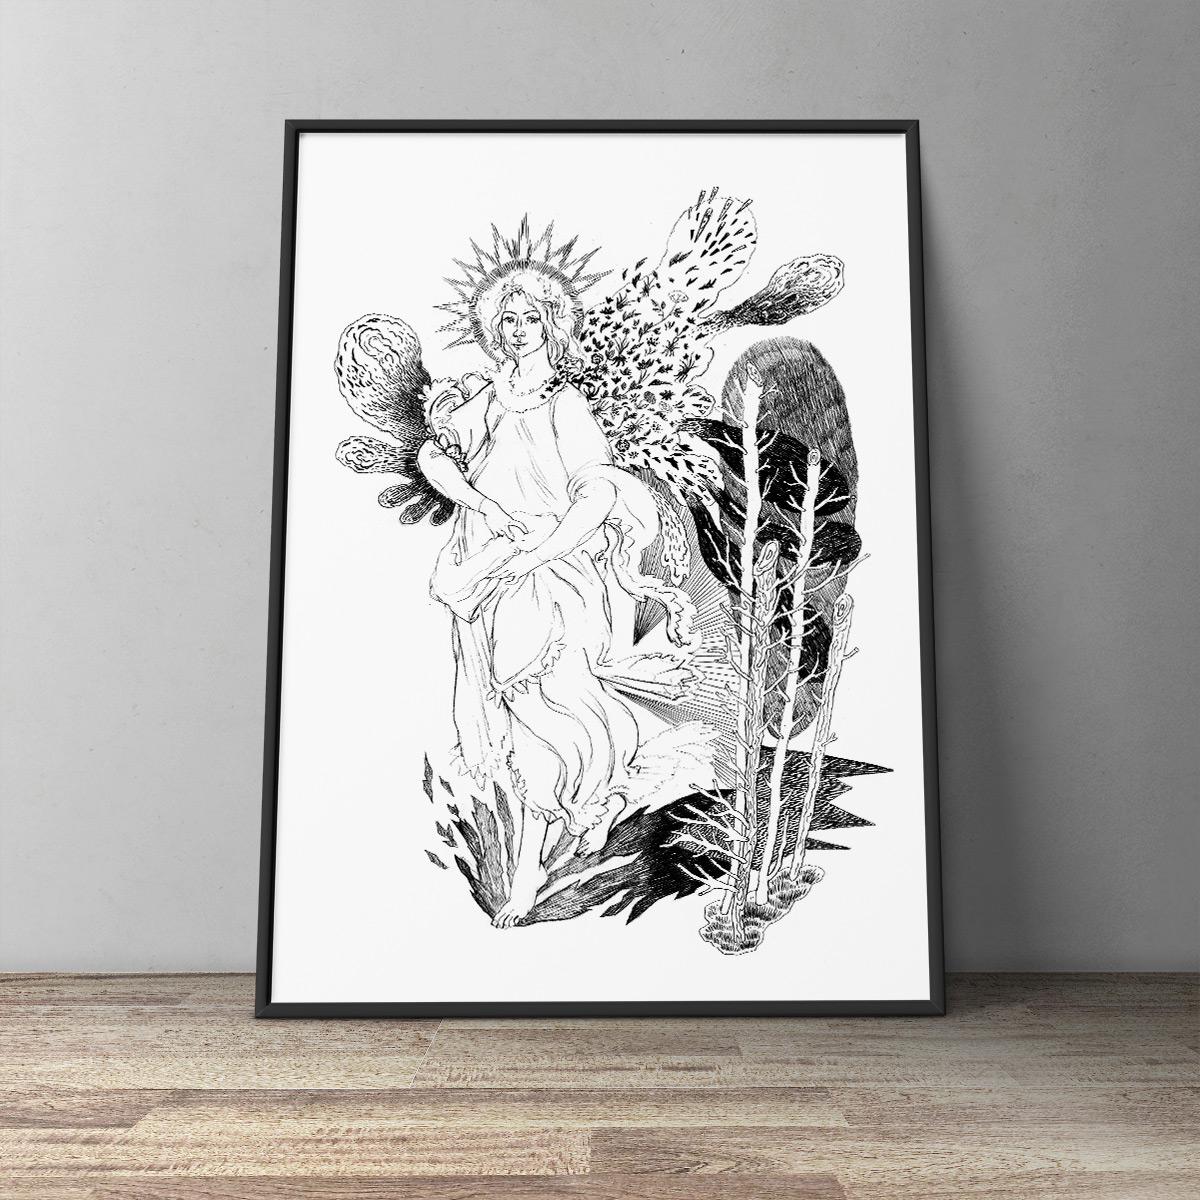 plakater-posters-kunsttryk, giclee-tryk, æstetiske, figurative, monokrome, kroppe, botanik, seksualitet, sorte, hvide, blæk, papir, smukke, sort-hvide, samtidskunst, dansk, dekorative, kvindelig, blomster, interiør, bolig-indretning, moderne, moderne-kunst, nordisk, nøgen, planter, flotte, skandinavisk, Køb original kunst og kunstplakater. Malerier, tegninger, limited edition kunsttryk & plakater af dygtige kunstnere.